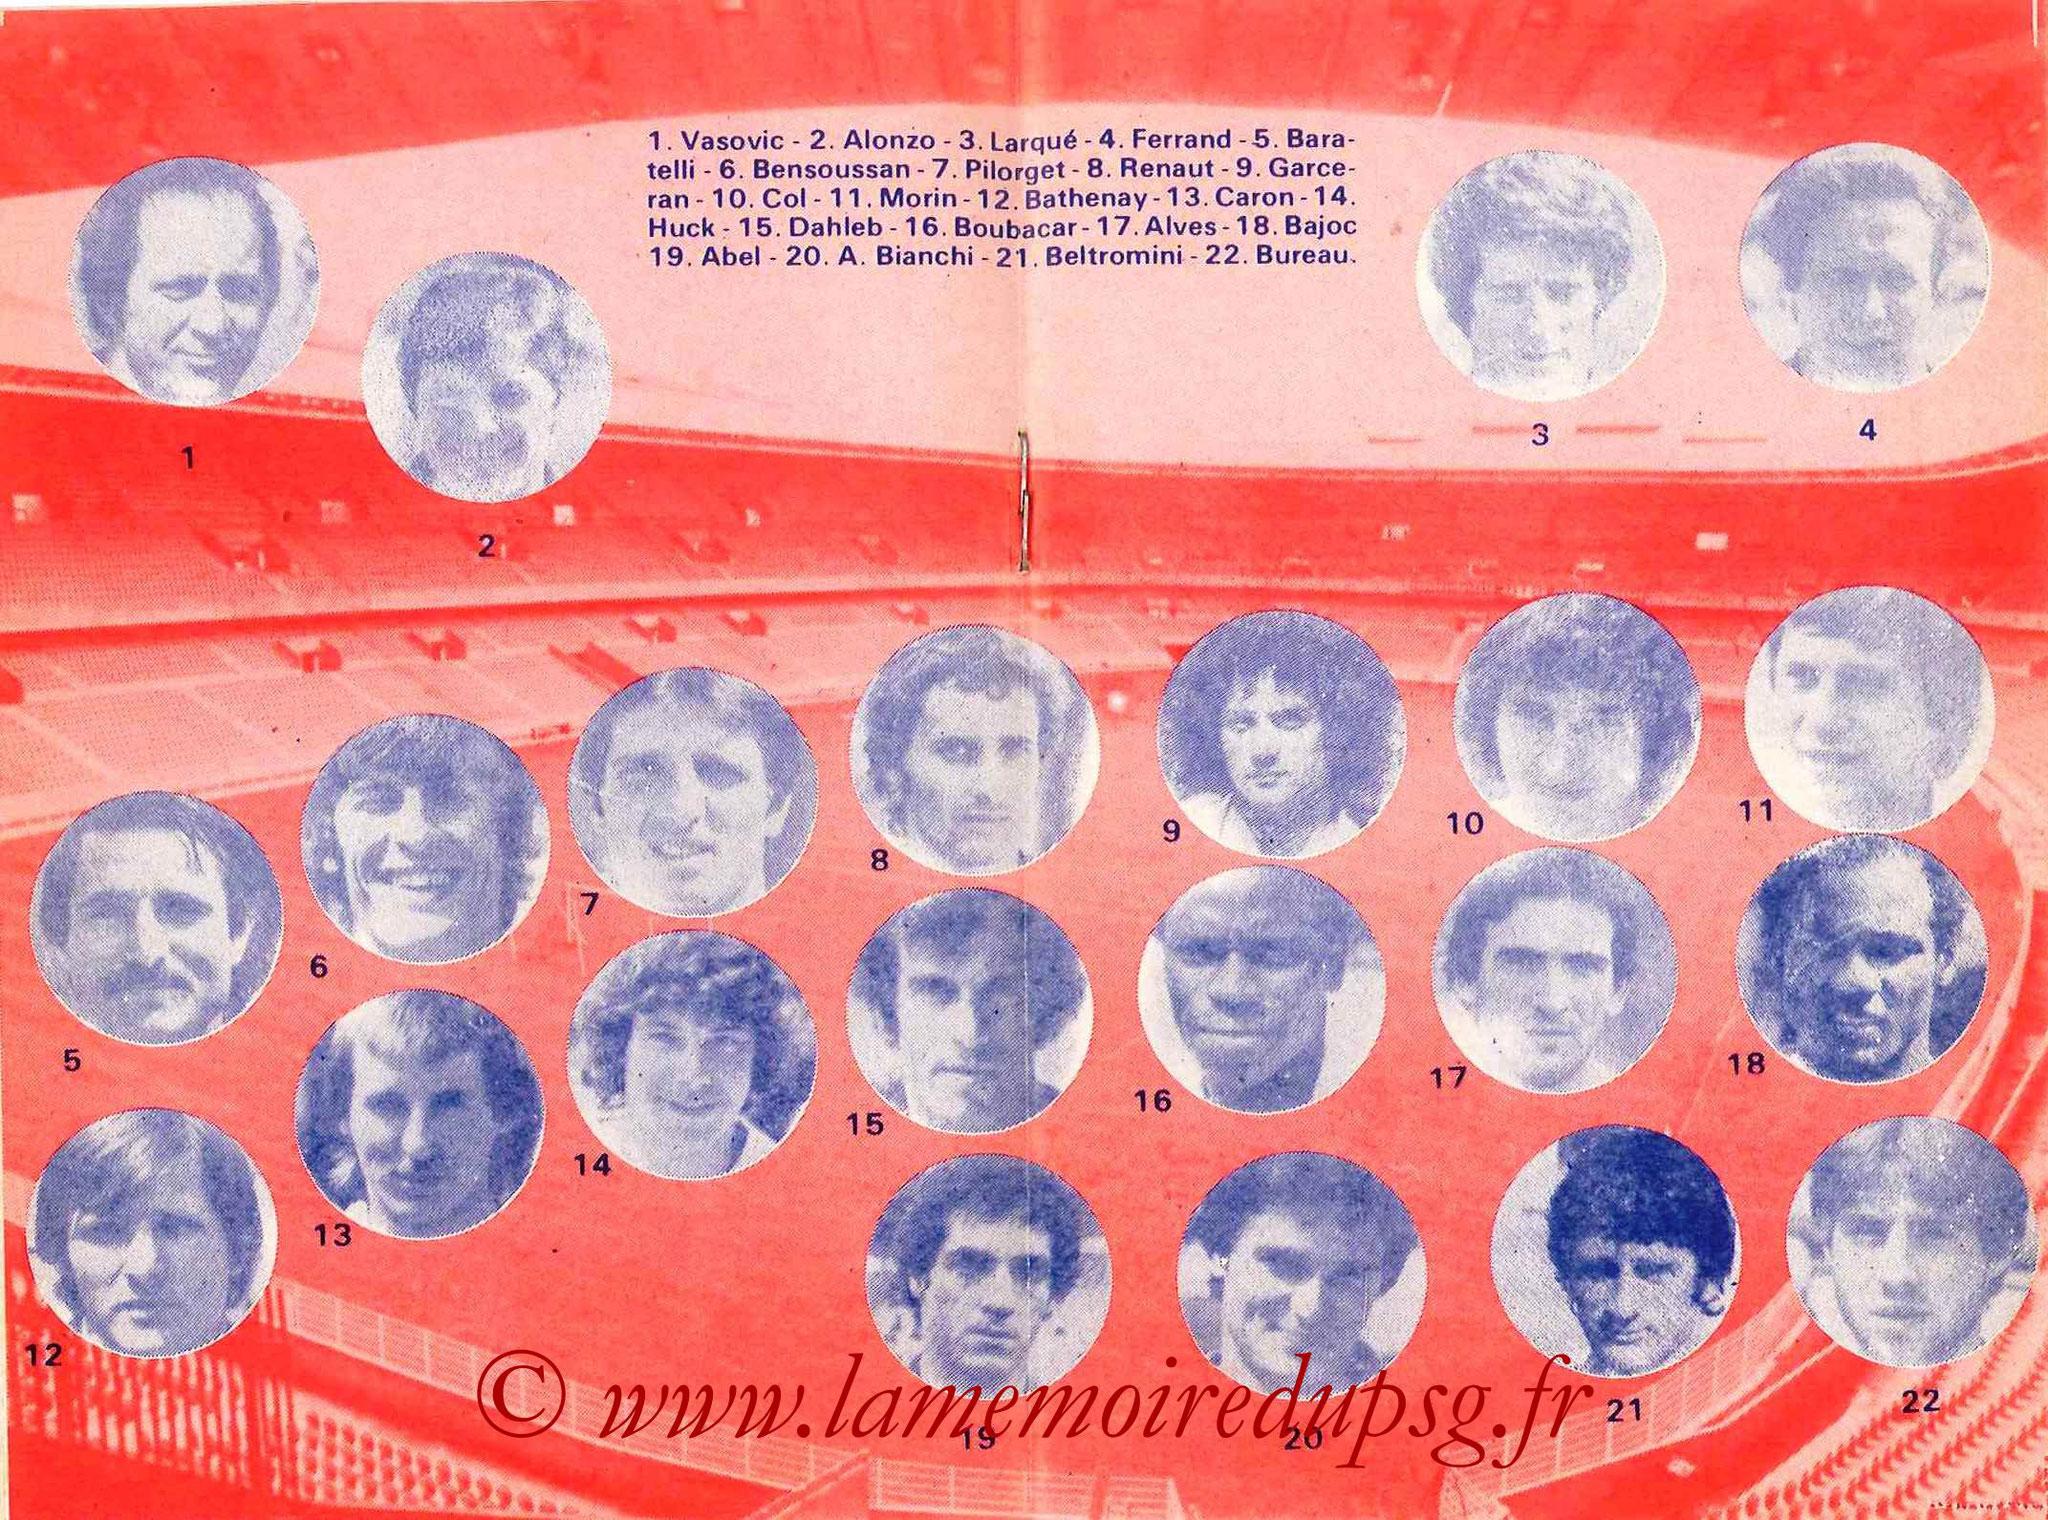 1979-80 - Guide de la Saison PSG - Pages 8 et 9